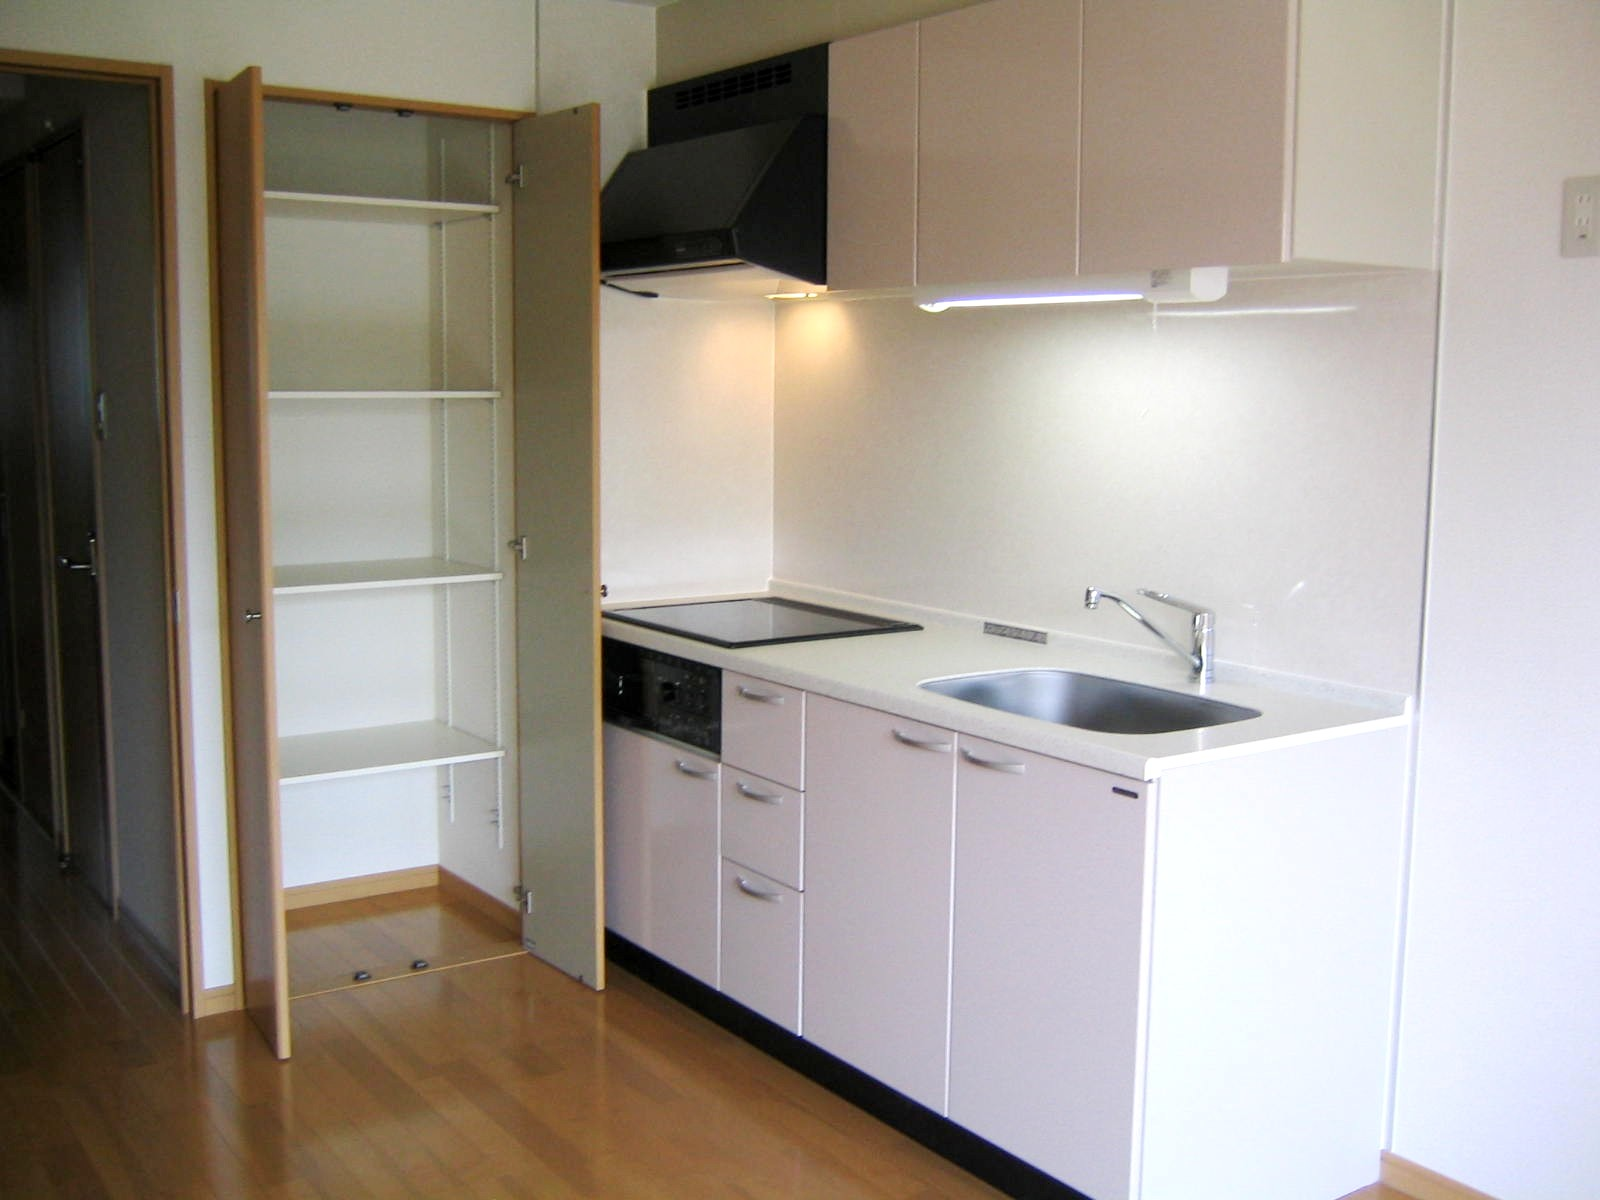 パルミエールきむら(2~4F)2号タイプ-キッチン